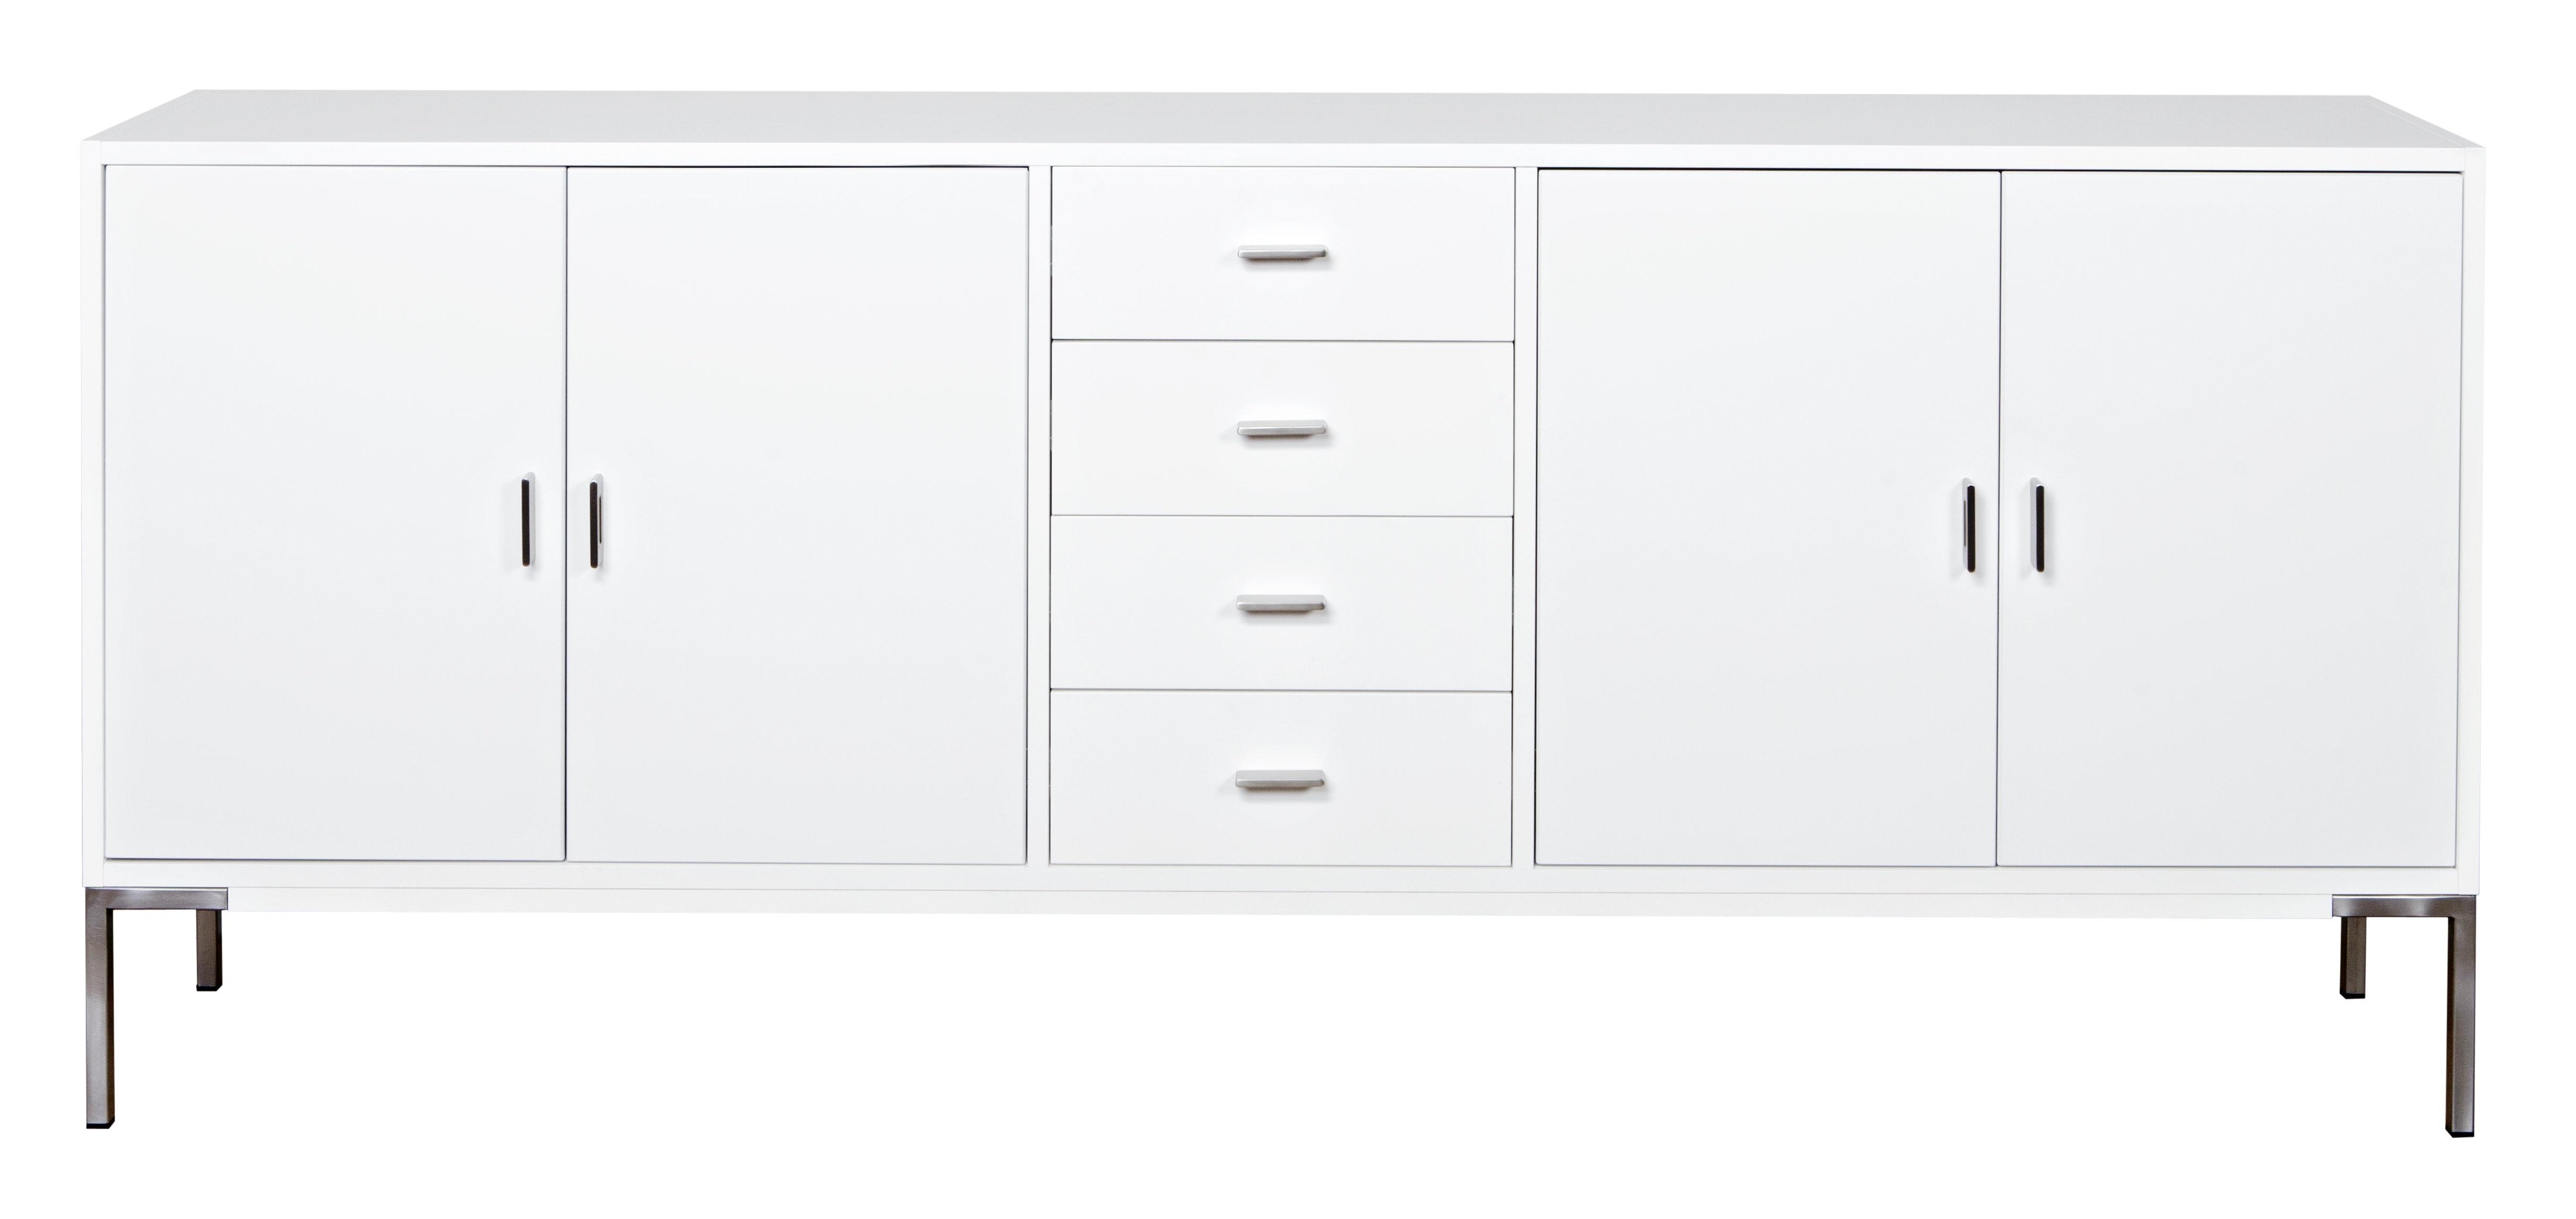 Dcor Design Hinrik 4 Door 4 Drawer Sideboard | Wayfair.co (#5 of 20)